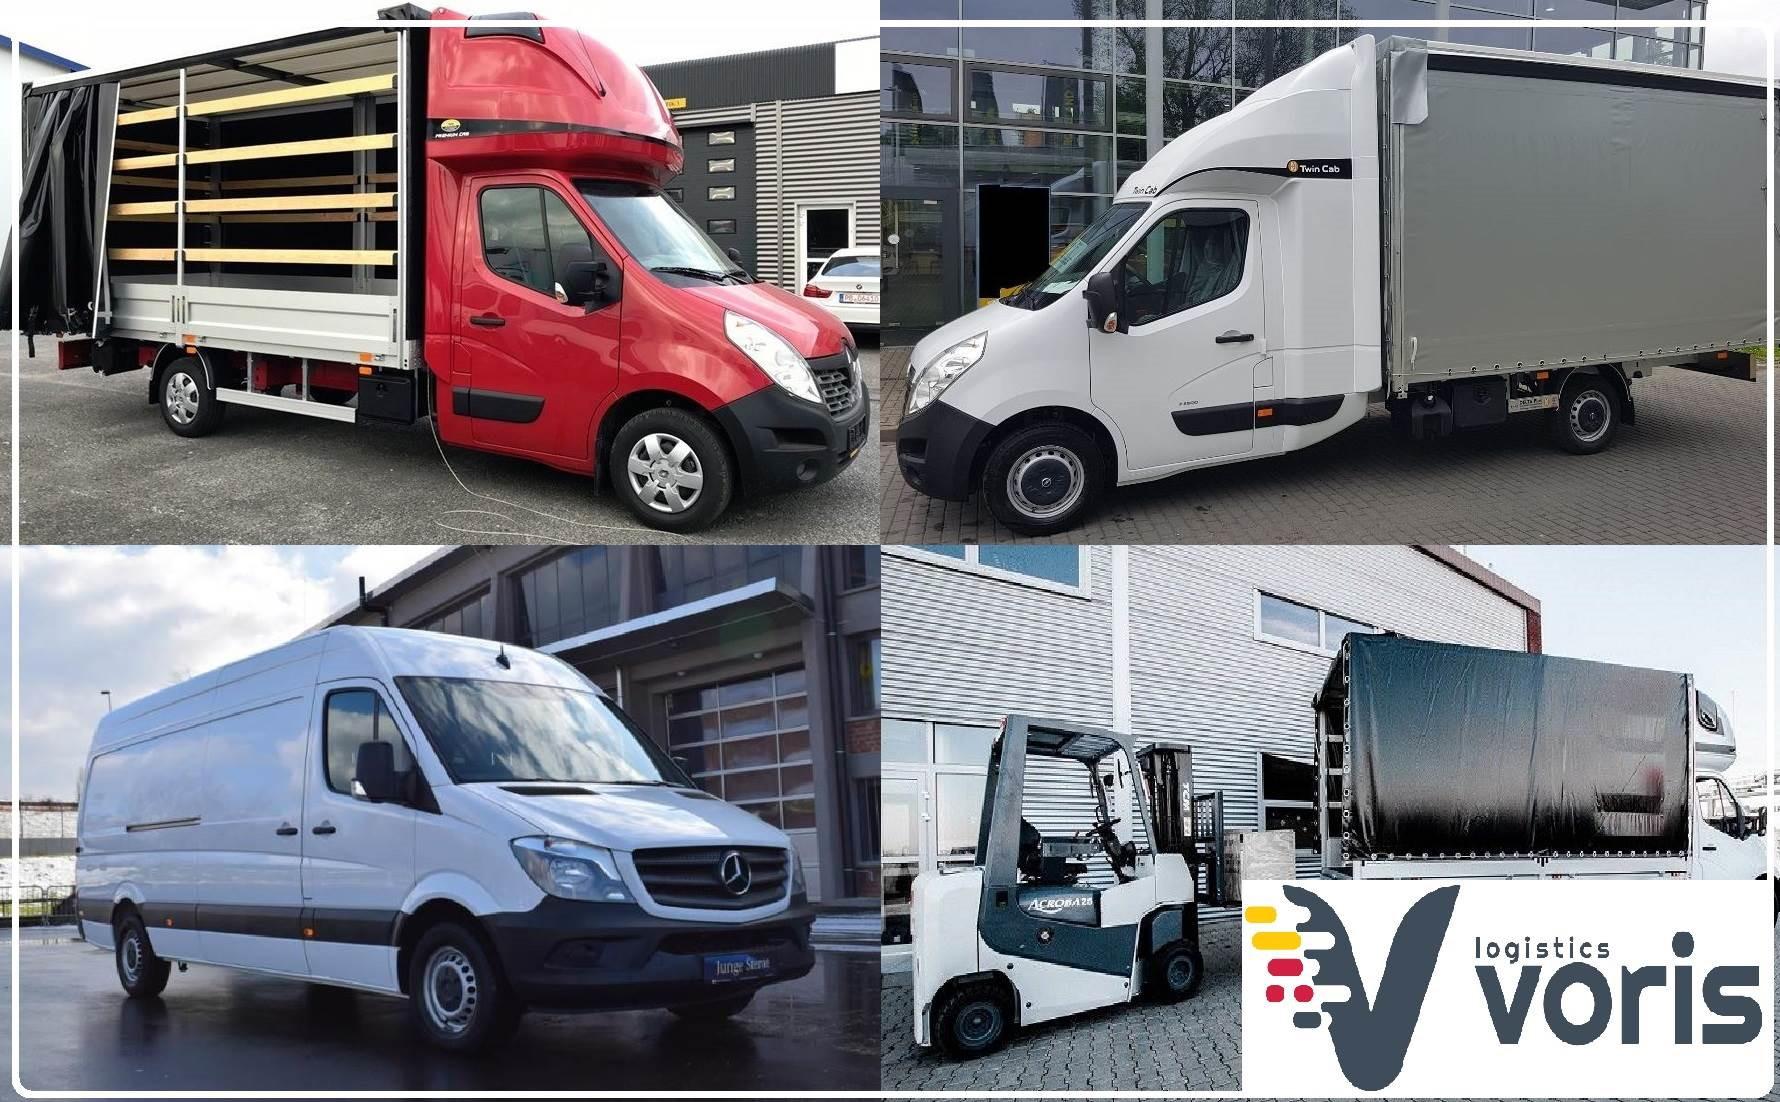 Teikiame šias krovinių pervežimo paslaugas: Pavojingi kroviniai; Greitieji pervežimai; Automobilių pramonės kroviniai; Farmacijos produktų pervežimai;